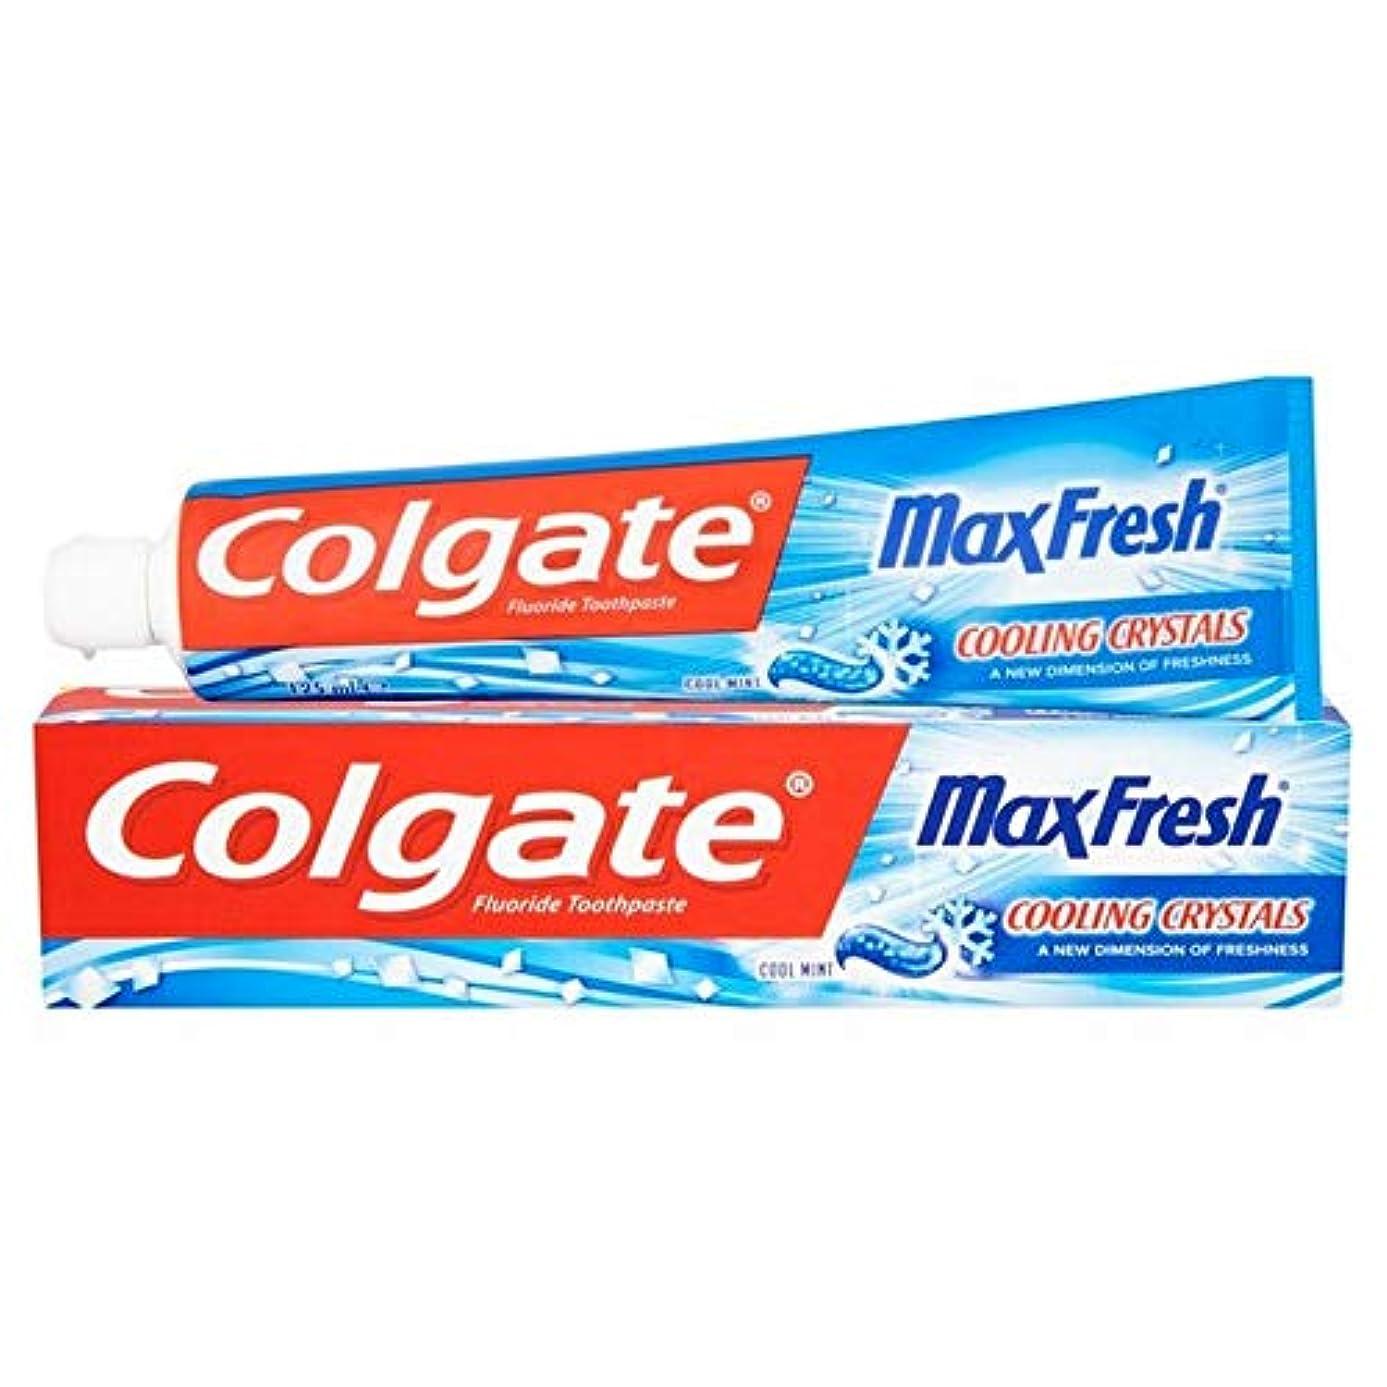 どっちでもオートマトンその[Colgate ] 冷却結晶歯磨き粉の125ミリリットル新鮮なコルゲートマックス - Colgate Max Fresh with Cooling Crystals Toothpaste 125ml [並行輸入品]